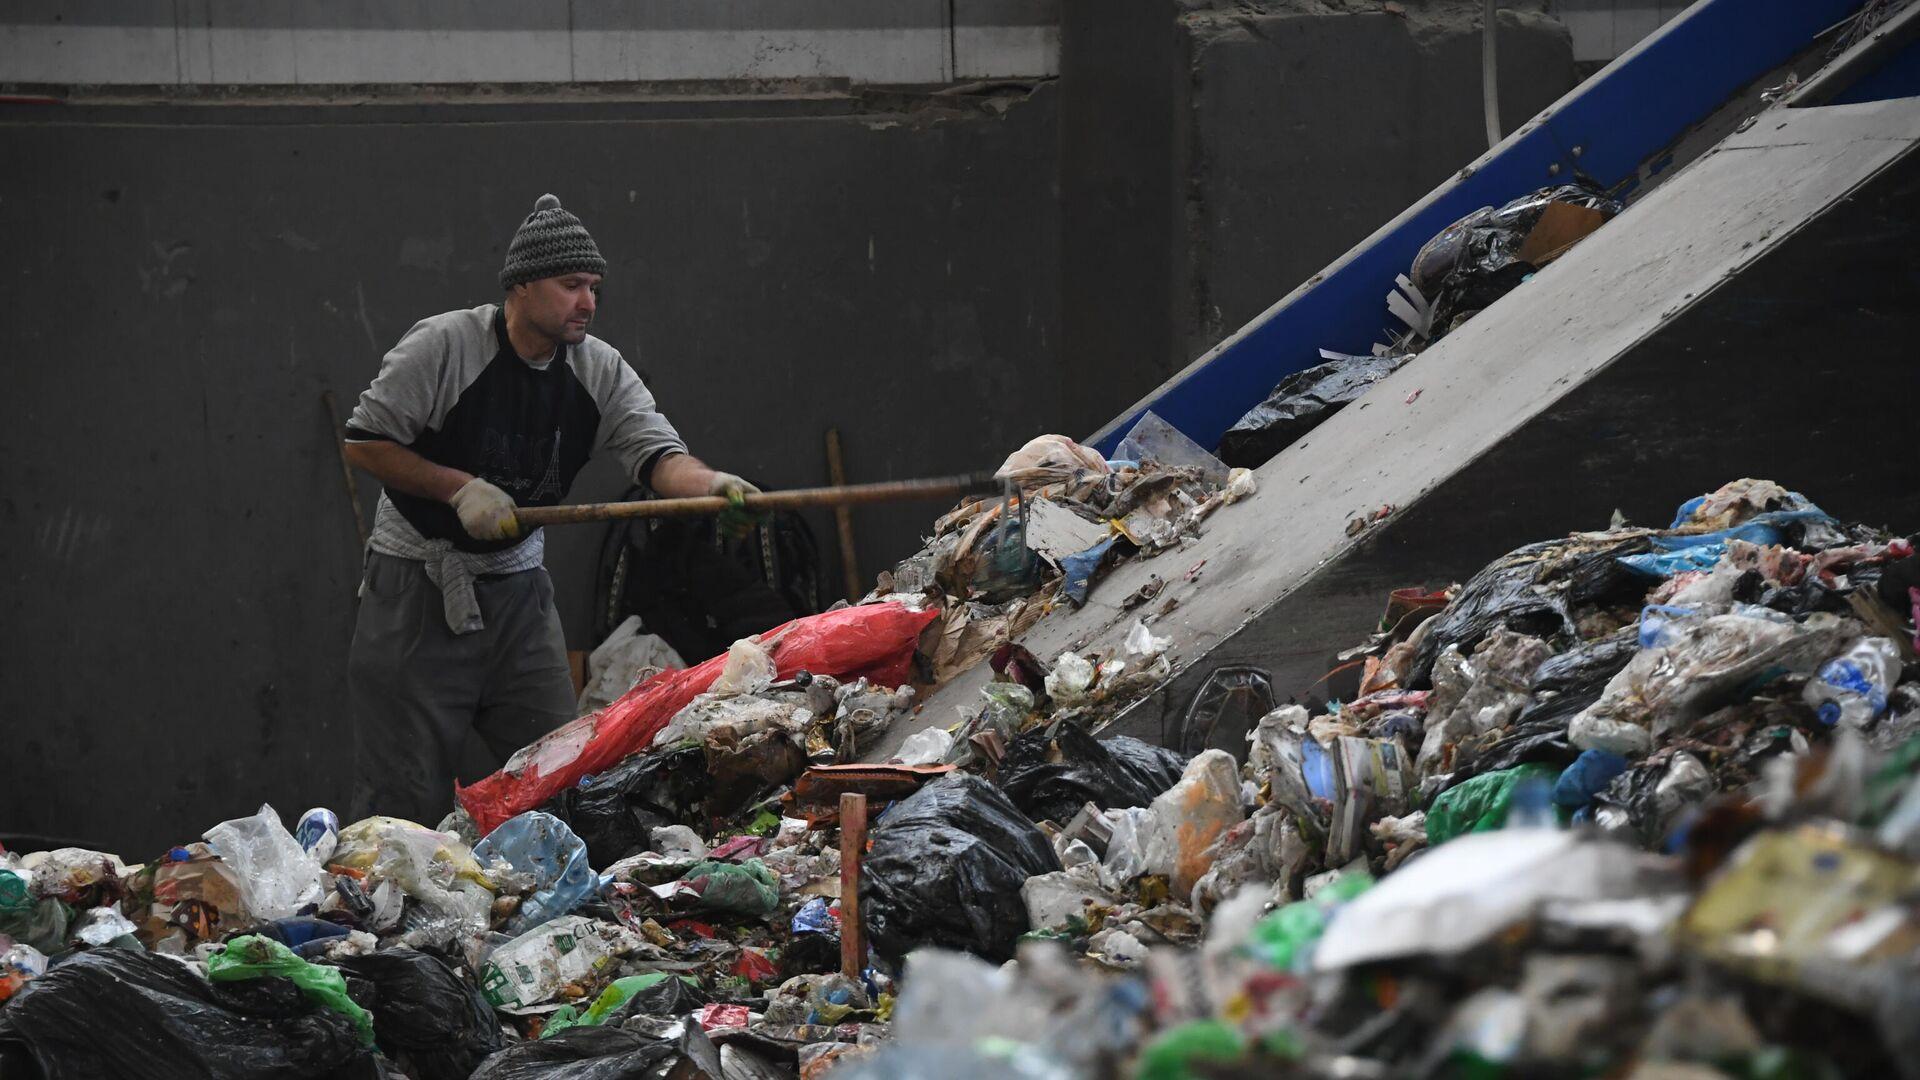 Сортировка отходов в Москве - РИА Новости, 1920, 22.01.2020